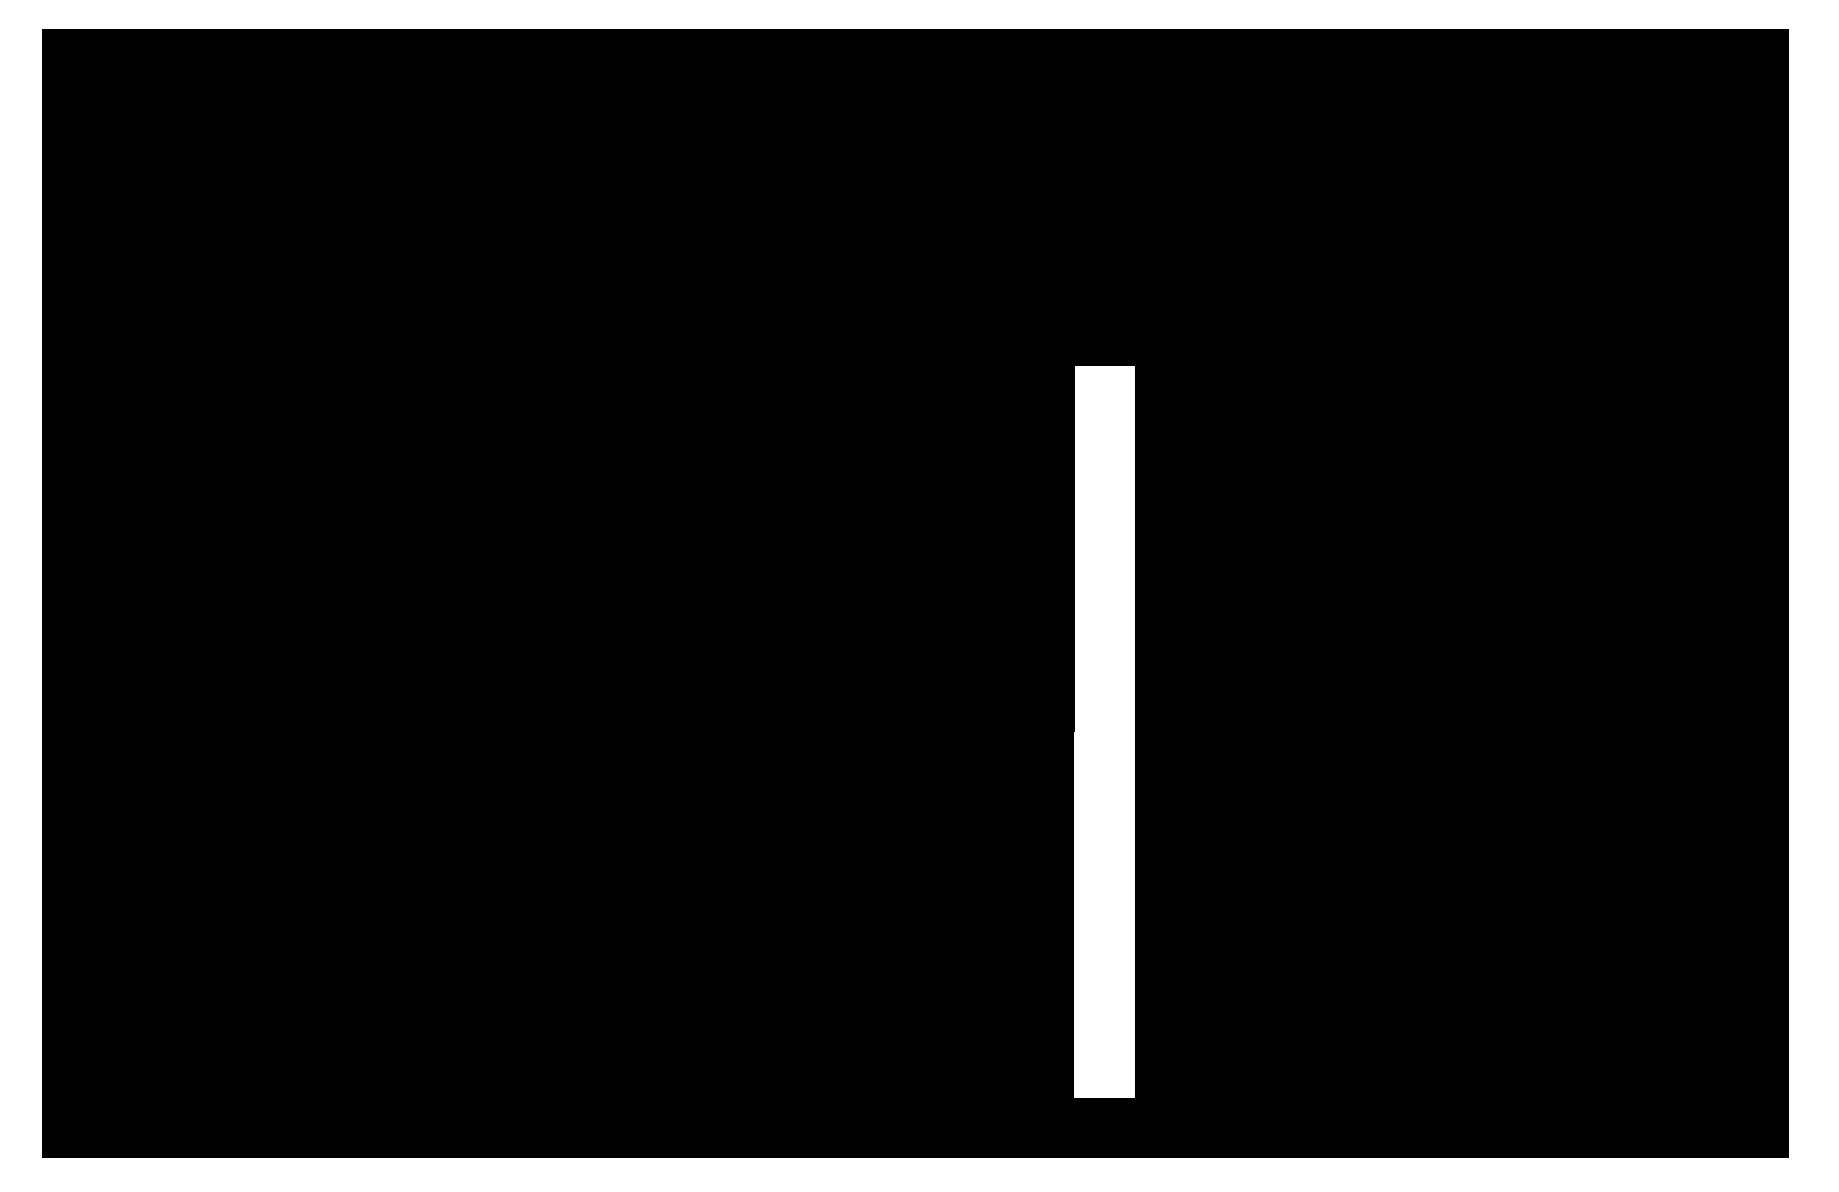 5-COMET-21